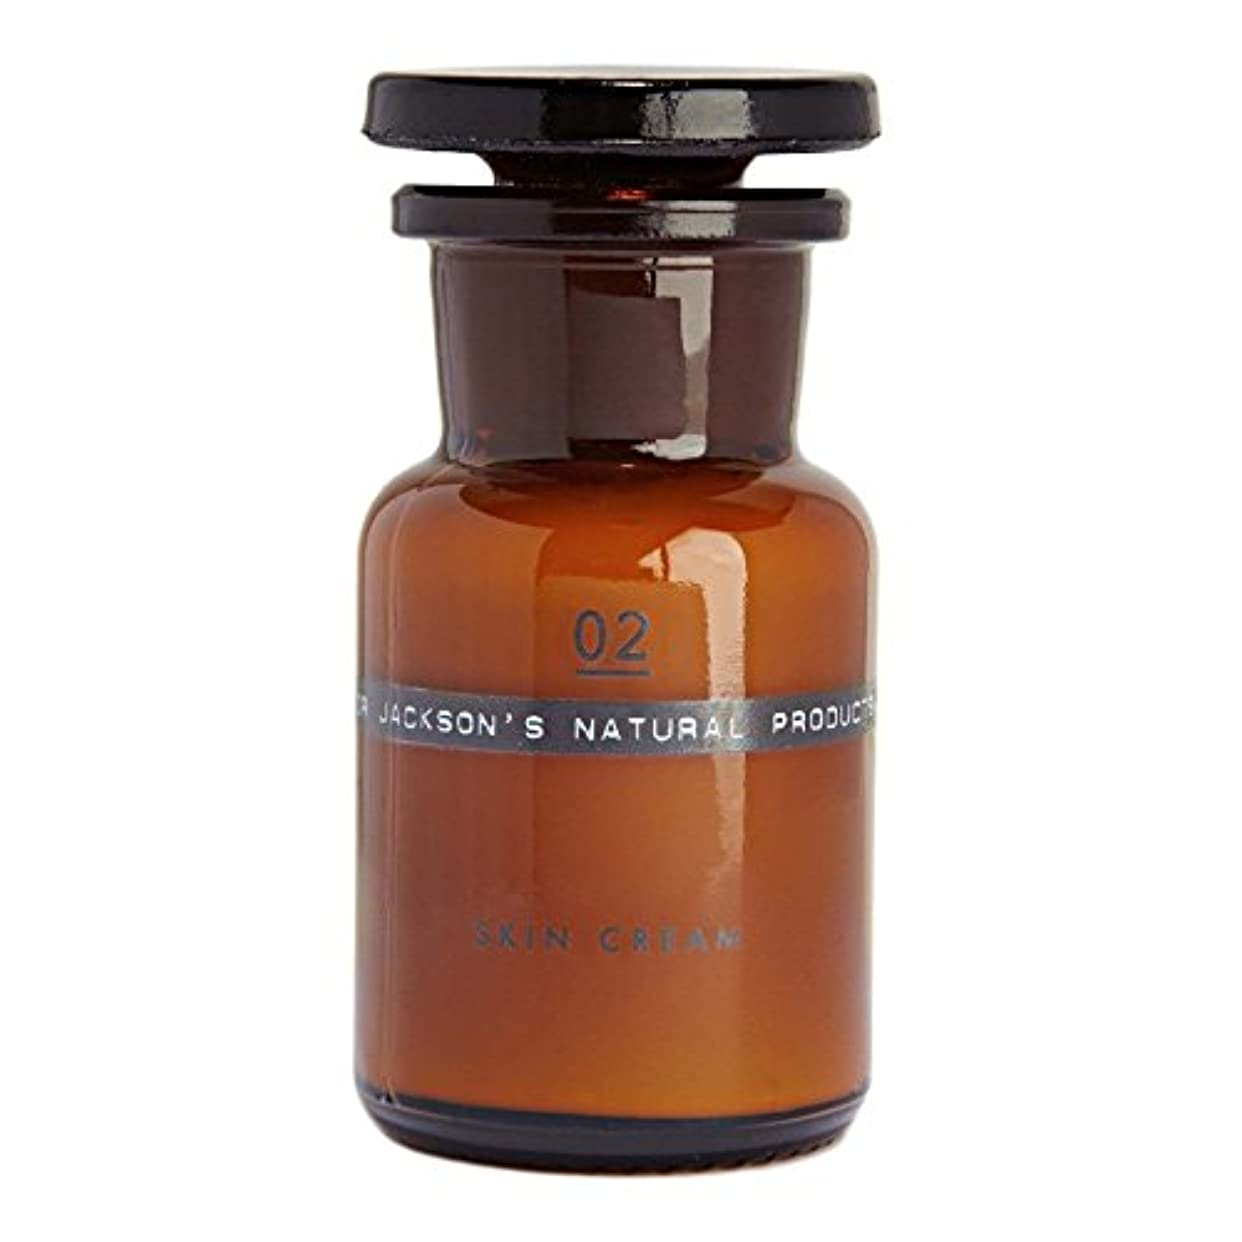 ジャグリング条約誰でもジャクソンの02スキンクリーム50ミリリットル x4 - Dr Jackson's 02 Skin Cream 50ml (Pack of 4) [並行輸入品]